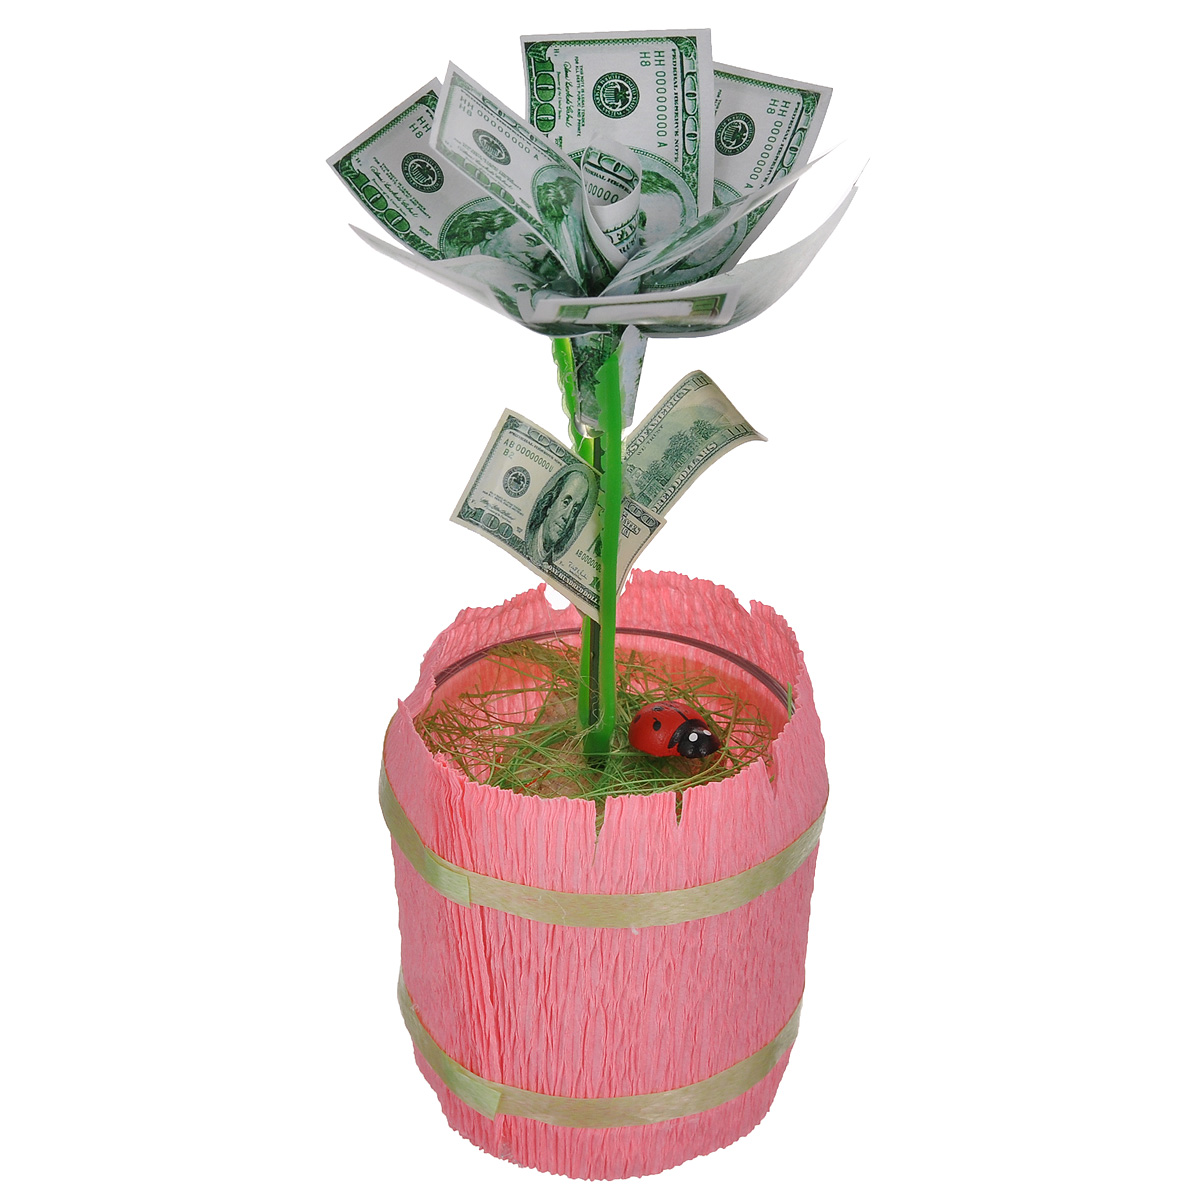 Денежный цветок Расцвет бизнеса. Доллары, цвет: розовый, зеленый, белый111-SB Набор для создания 3-х открыток ПраздникНастольная композиция Расцвет бизнеса. Доллары выполнена в виде симпатичного денежного цветка. На пластиковый стебель цветка насажены миниатюрные купюры достоинством в 100 долларов. Цветок закреплен в стеклянном стакане-горшочке, оформленном гофрированной бумагой. У основания цветка расположена забавная божья коровка.Такой симпатичный денежный цветок будет отличным подарком к любому случаю! Высота цветка: 14 см. Диаметр цветка: 6 см.